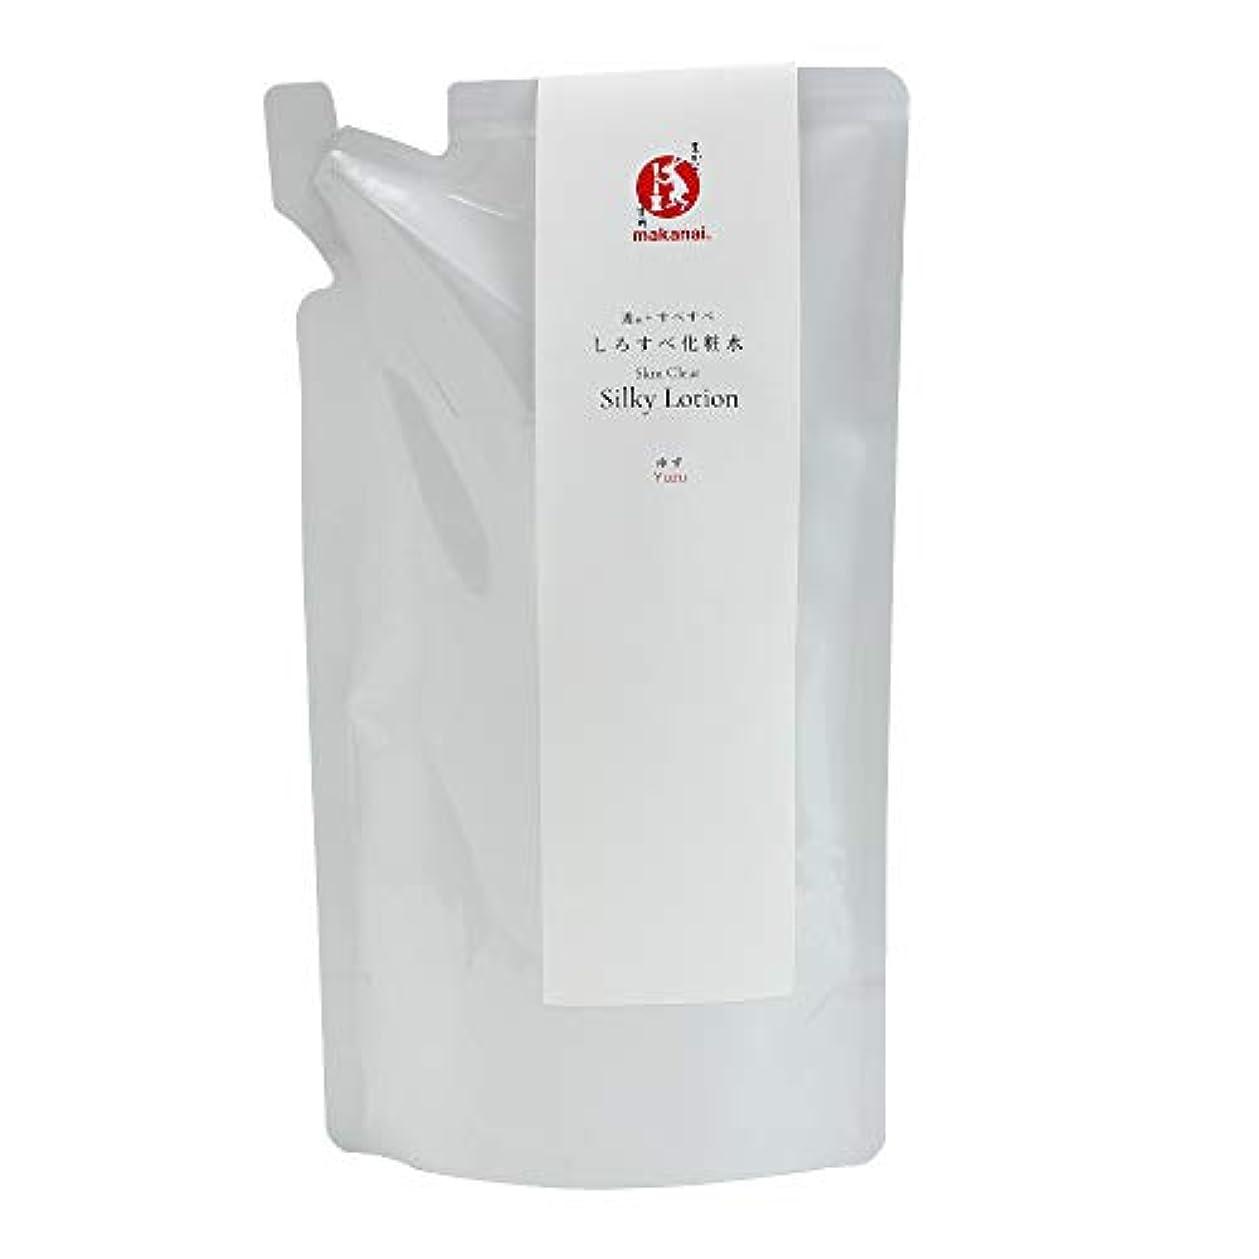 シアー光くままかないこすめ しろすべ化粧水(詰め替え用) 150ml